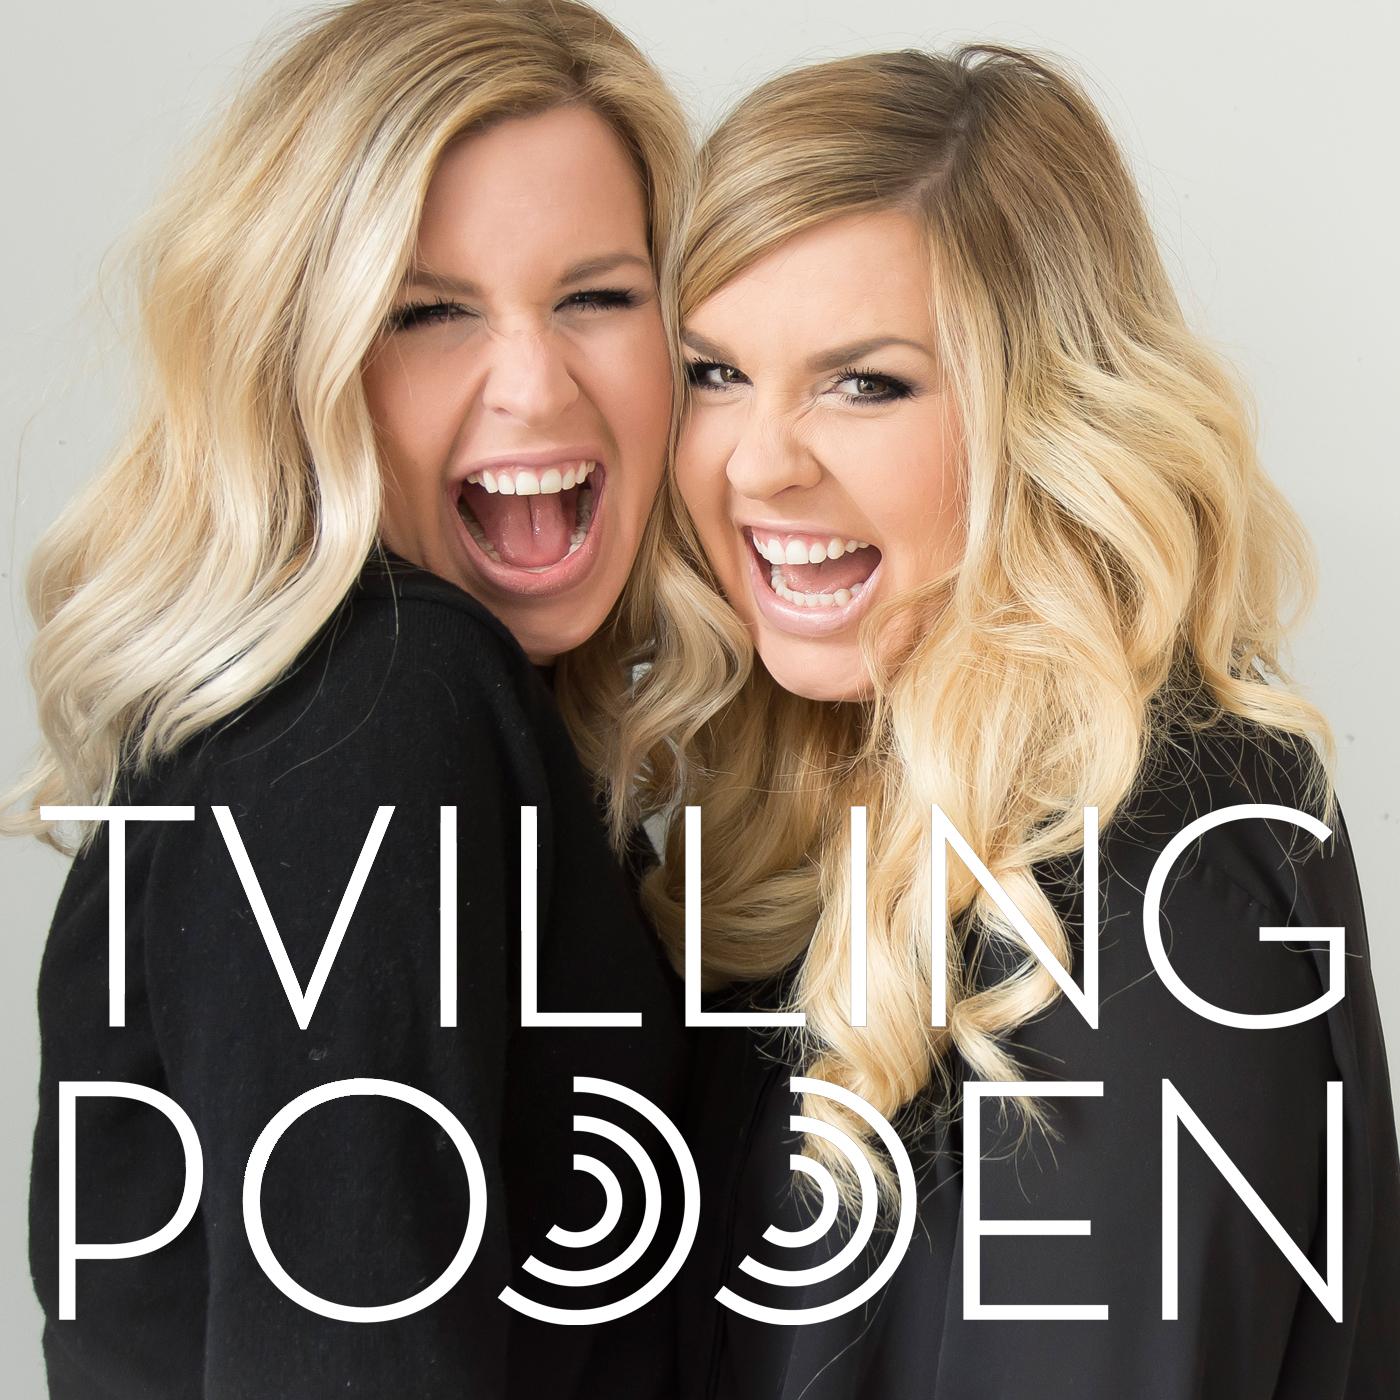 tvillingpodden_bild